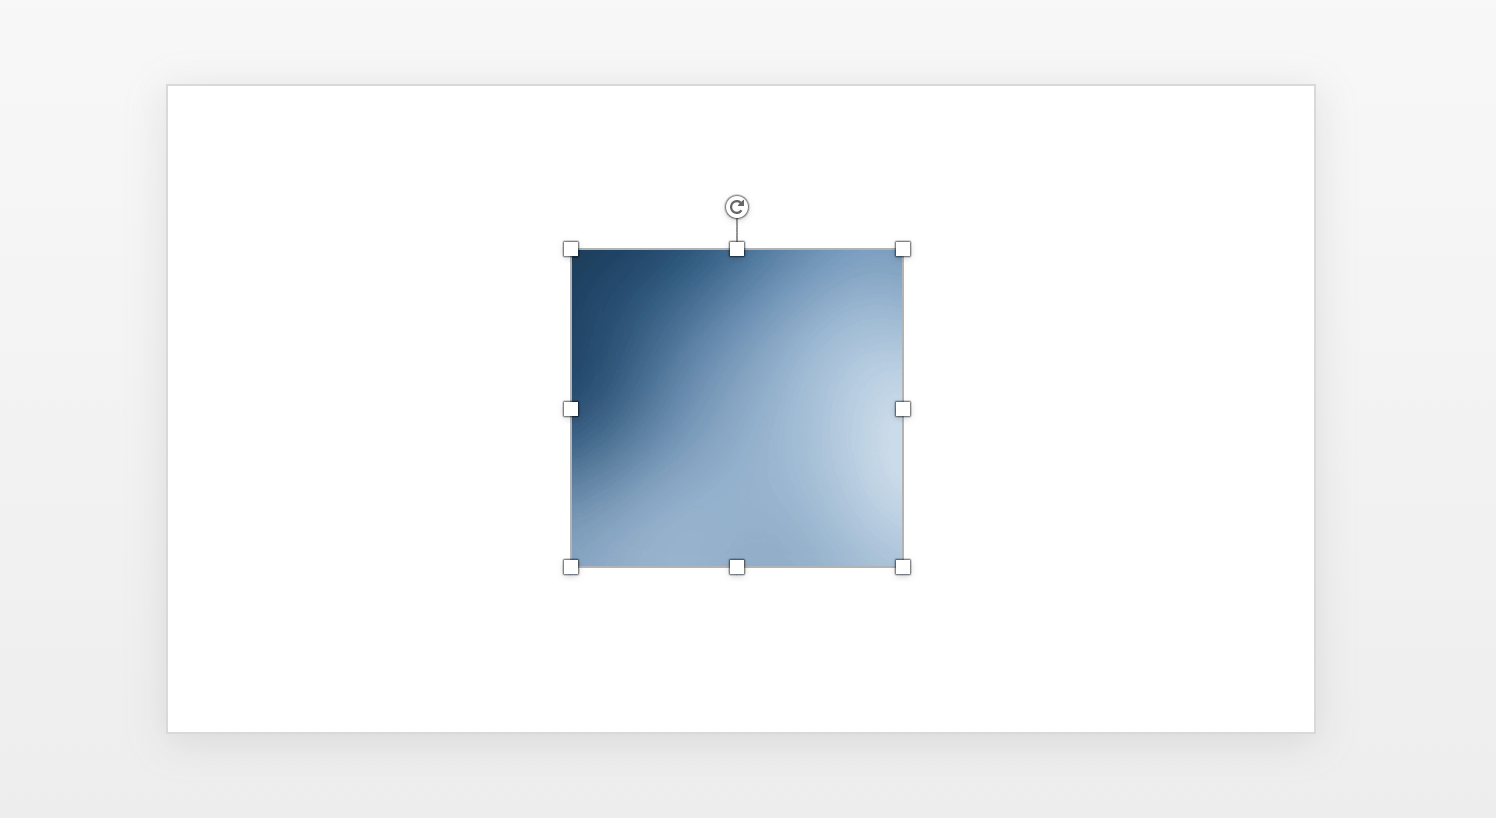 как сделать картинку на весь экран в powerpoint